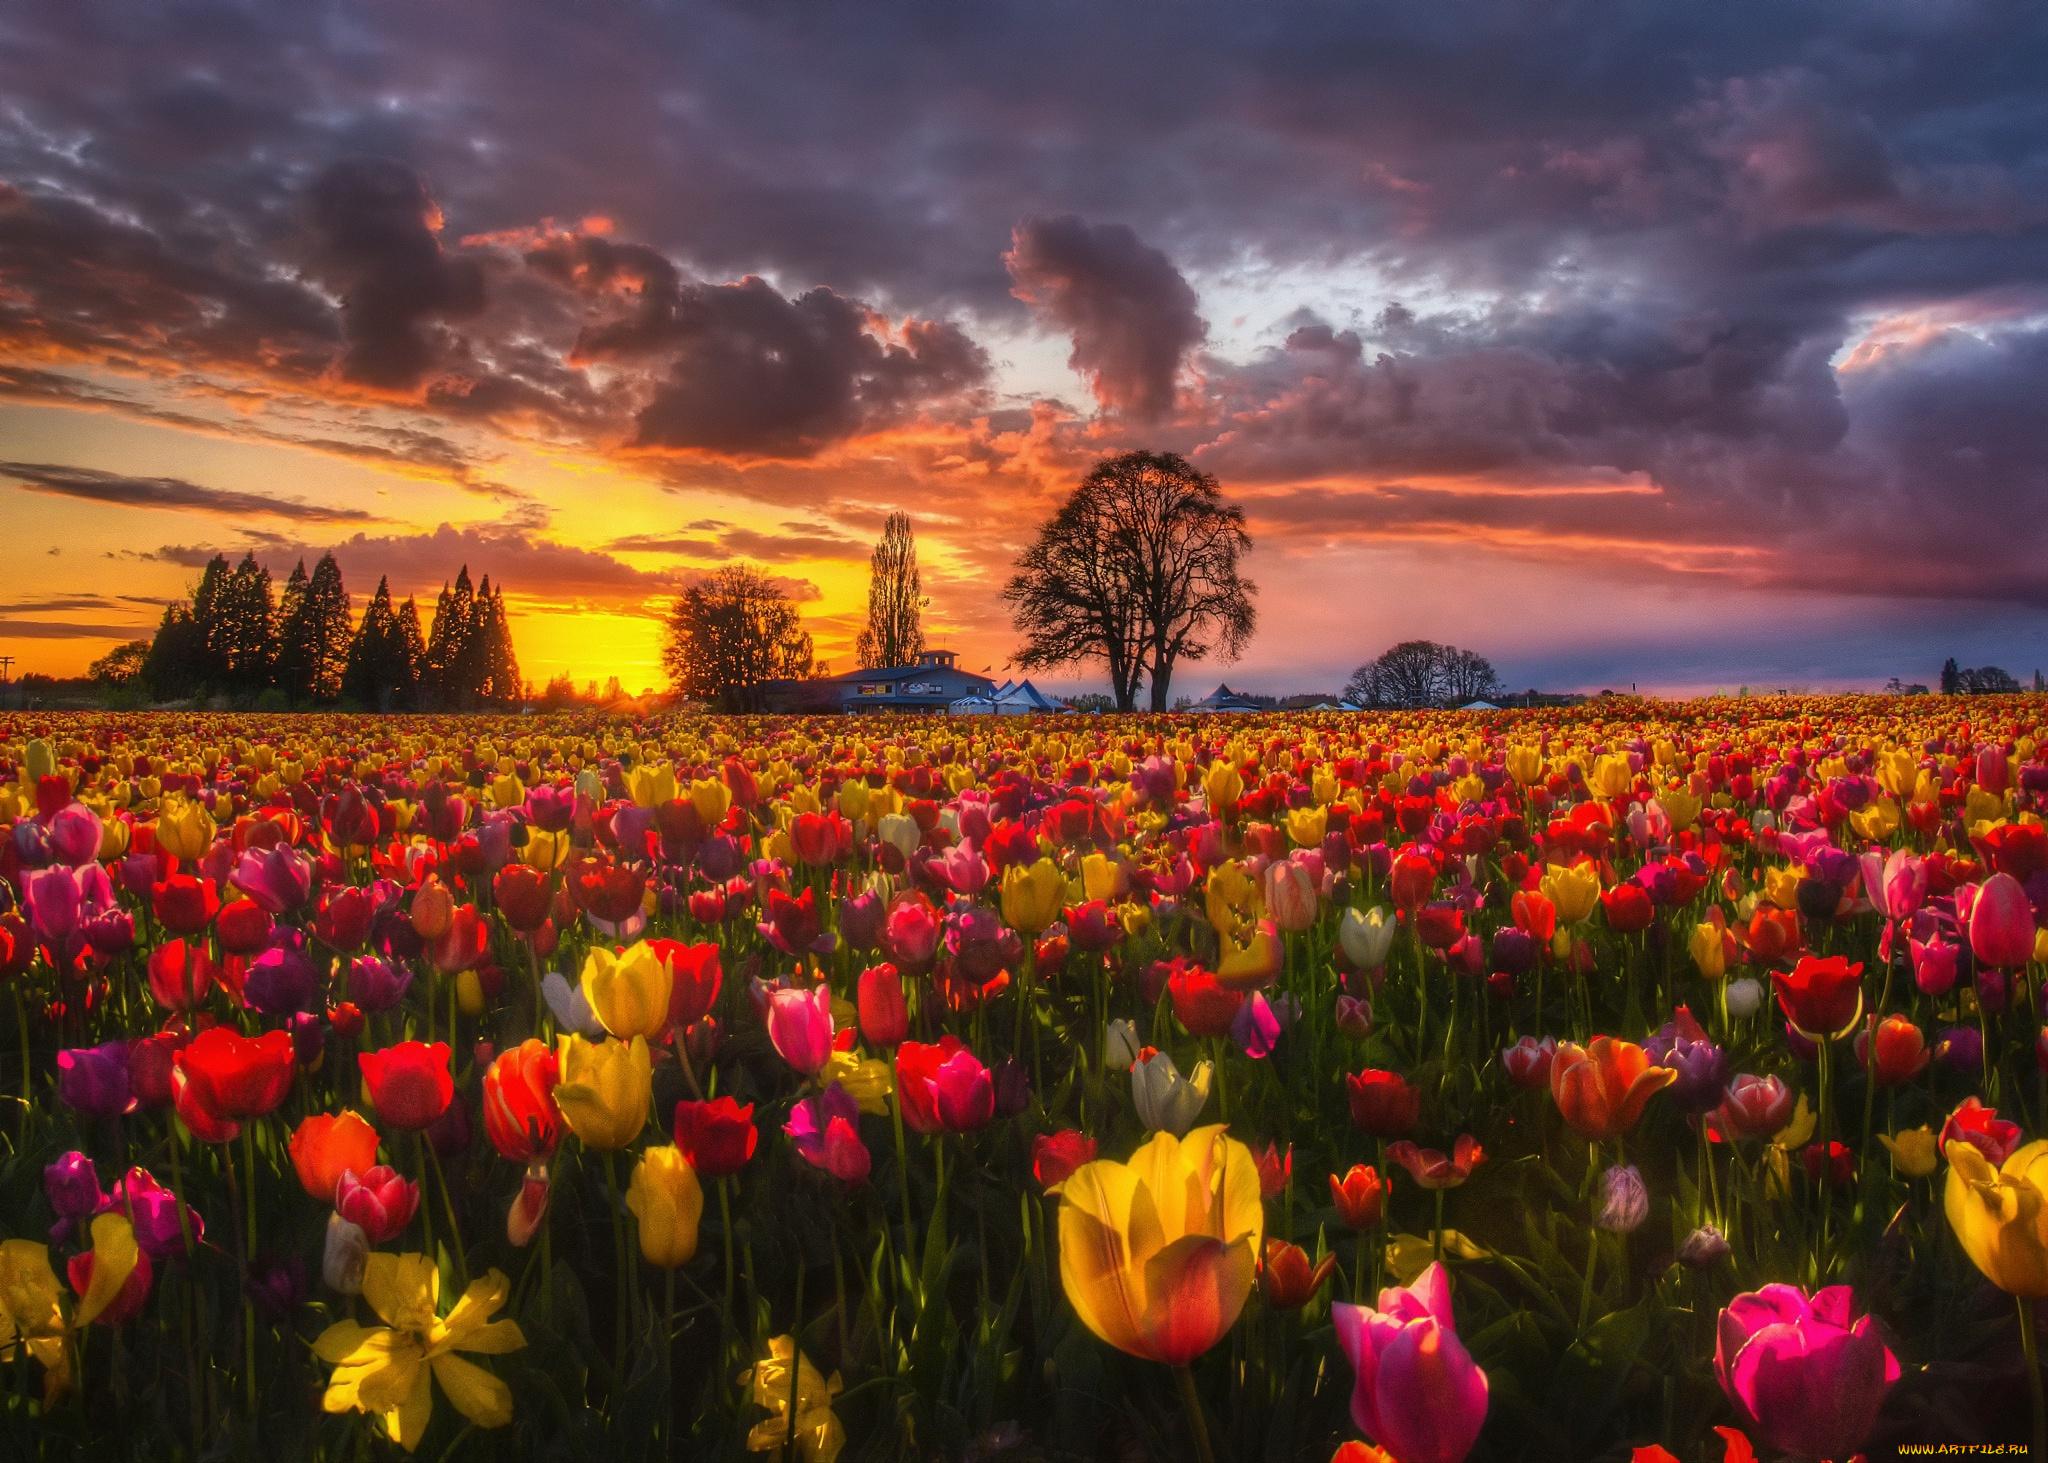 тюльпаны поляна закат  № 3285878 бесплатно